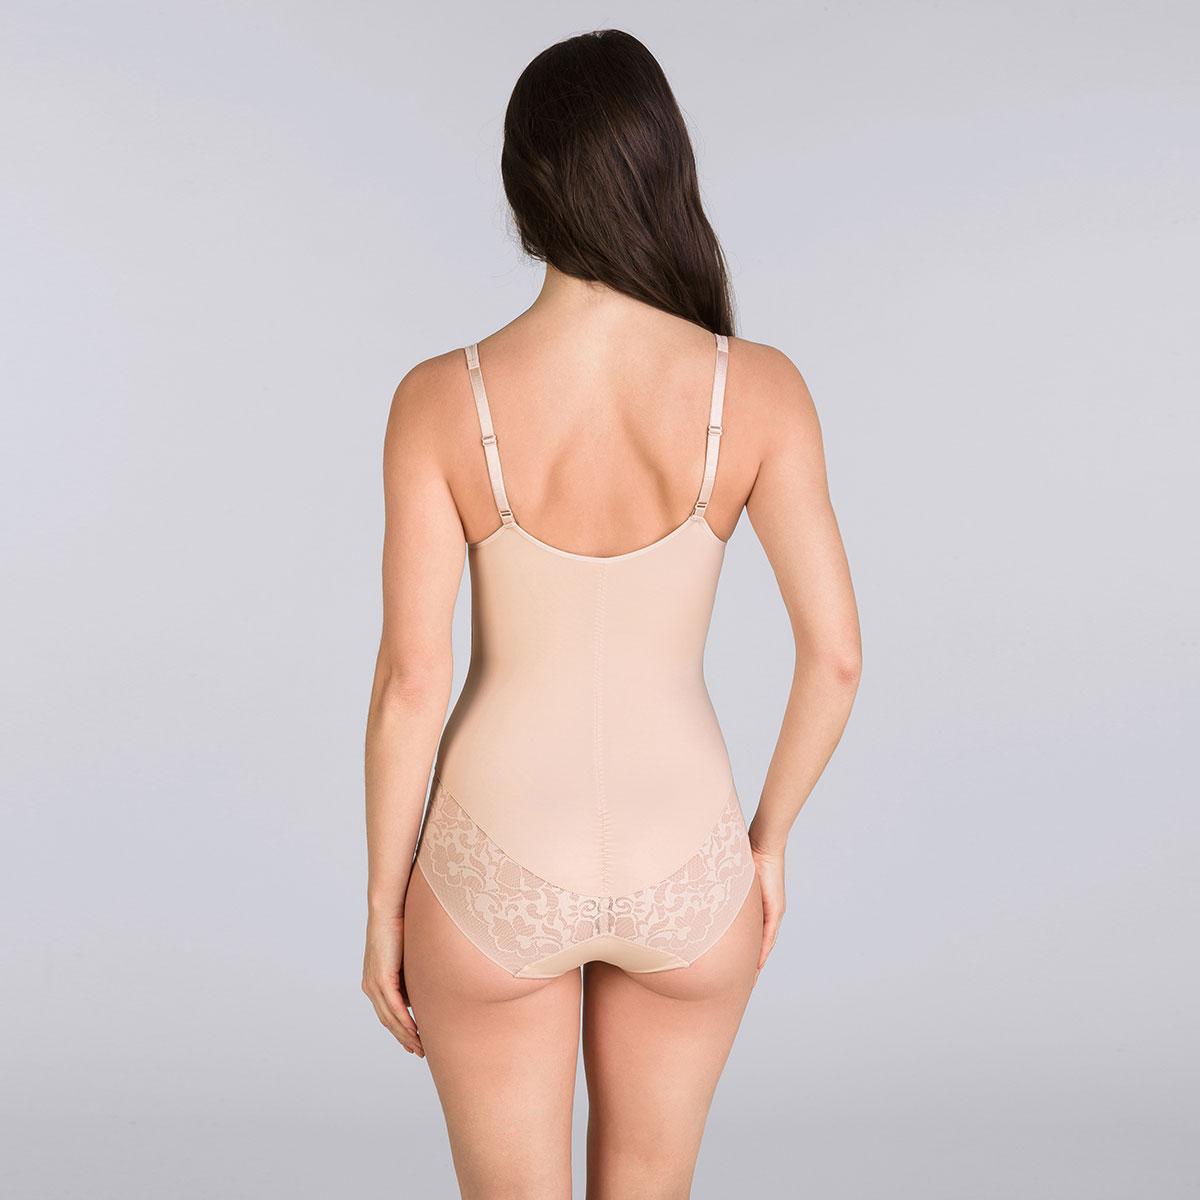 Body beige - Expert in Silhouette, , PLAYTEX